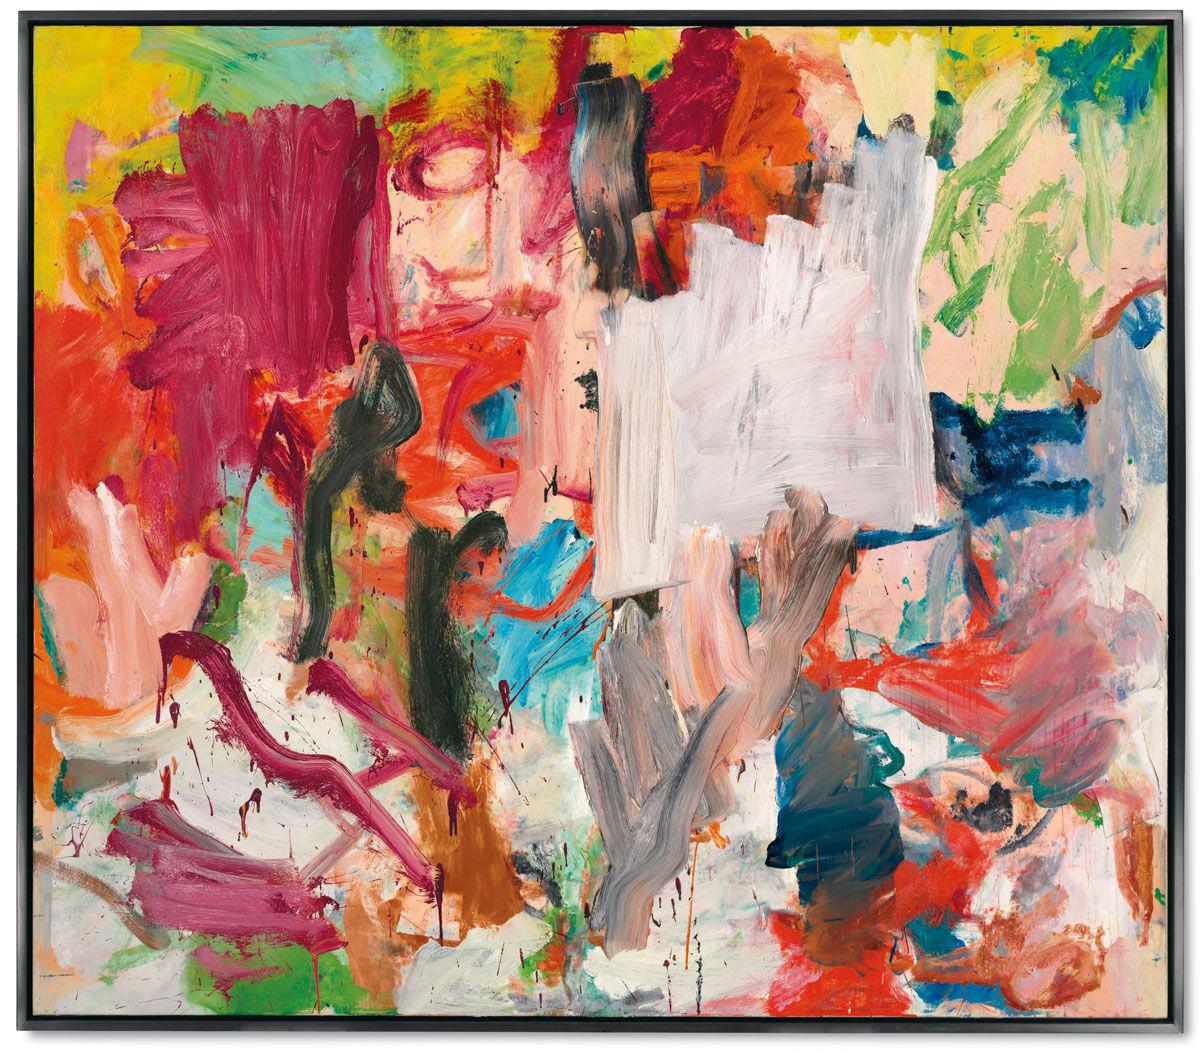 Willem de Kooning,Untitled XXV, 1977. Image: Christie's Images Ltd. 2016